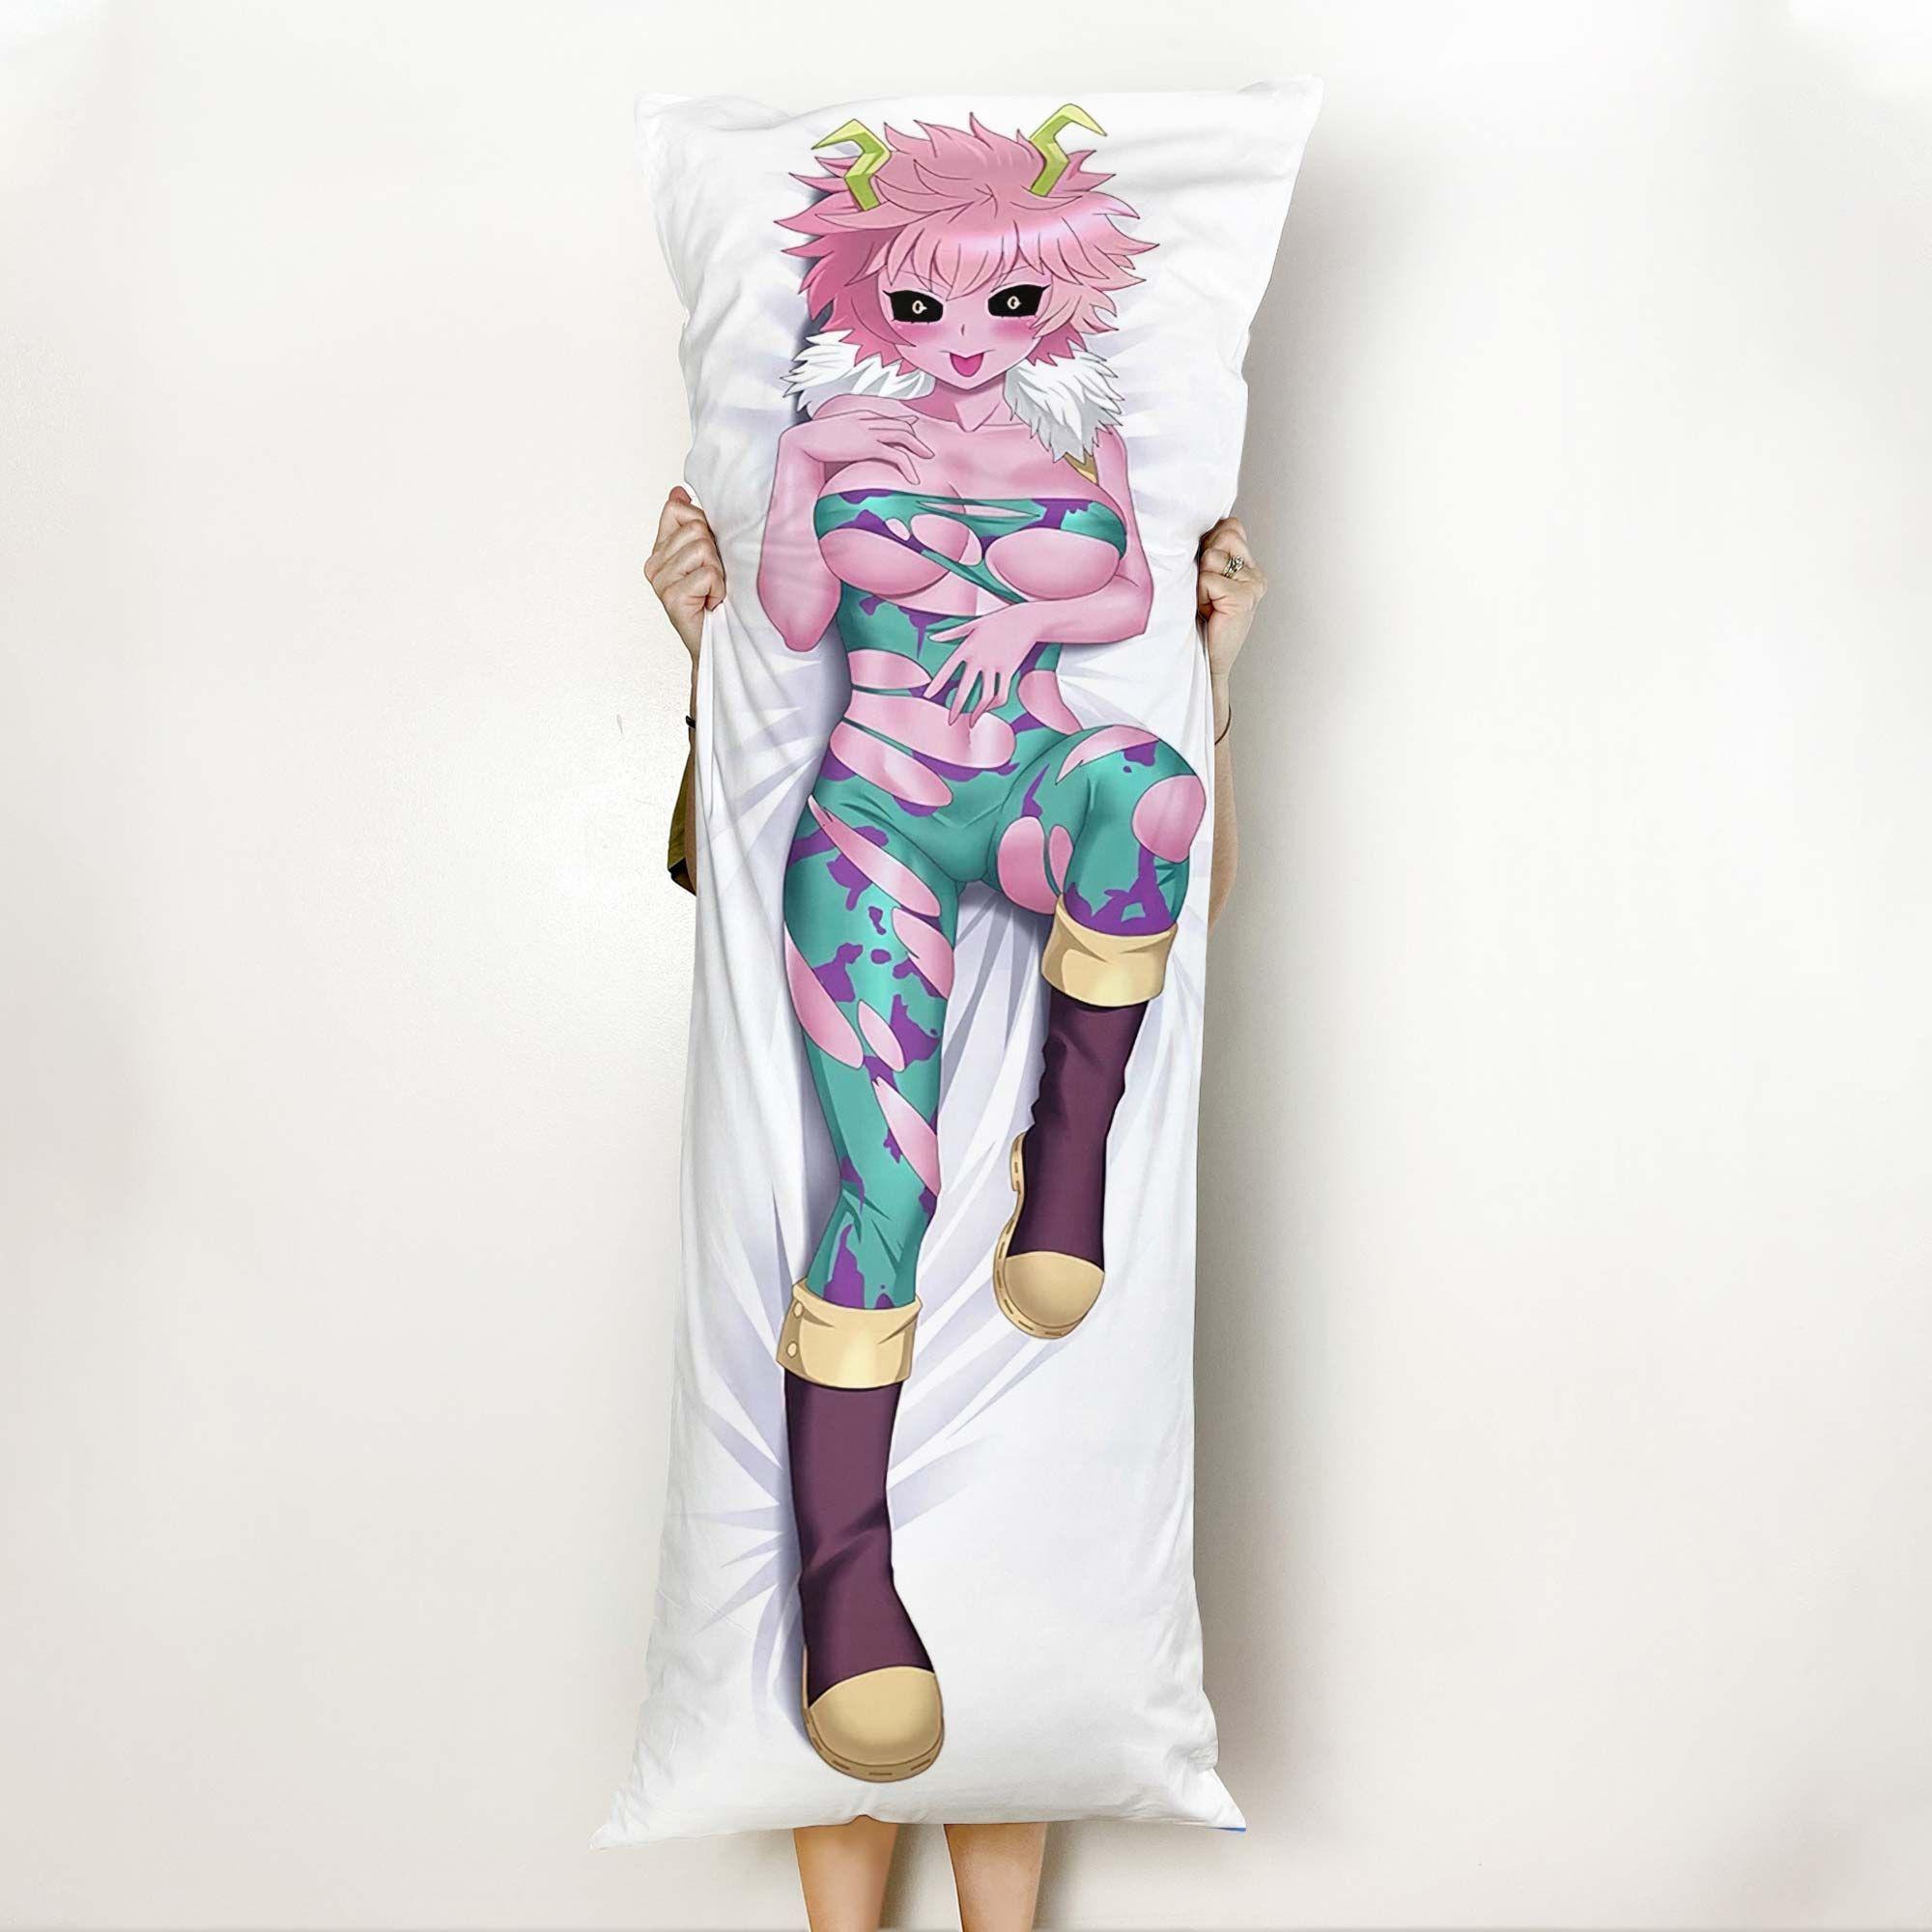 MHA Mina Ashido Body Pillow Cover Anime Gifts Idea For Otaku Girl Official Merch GO0110